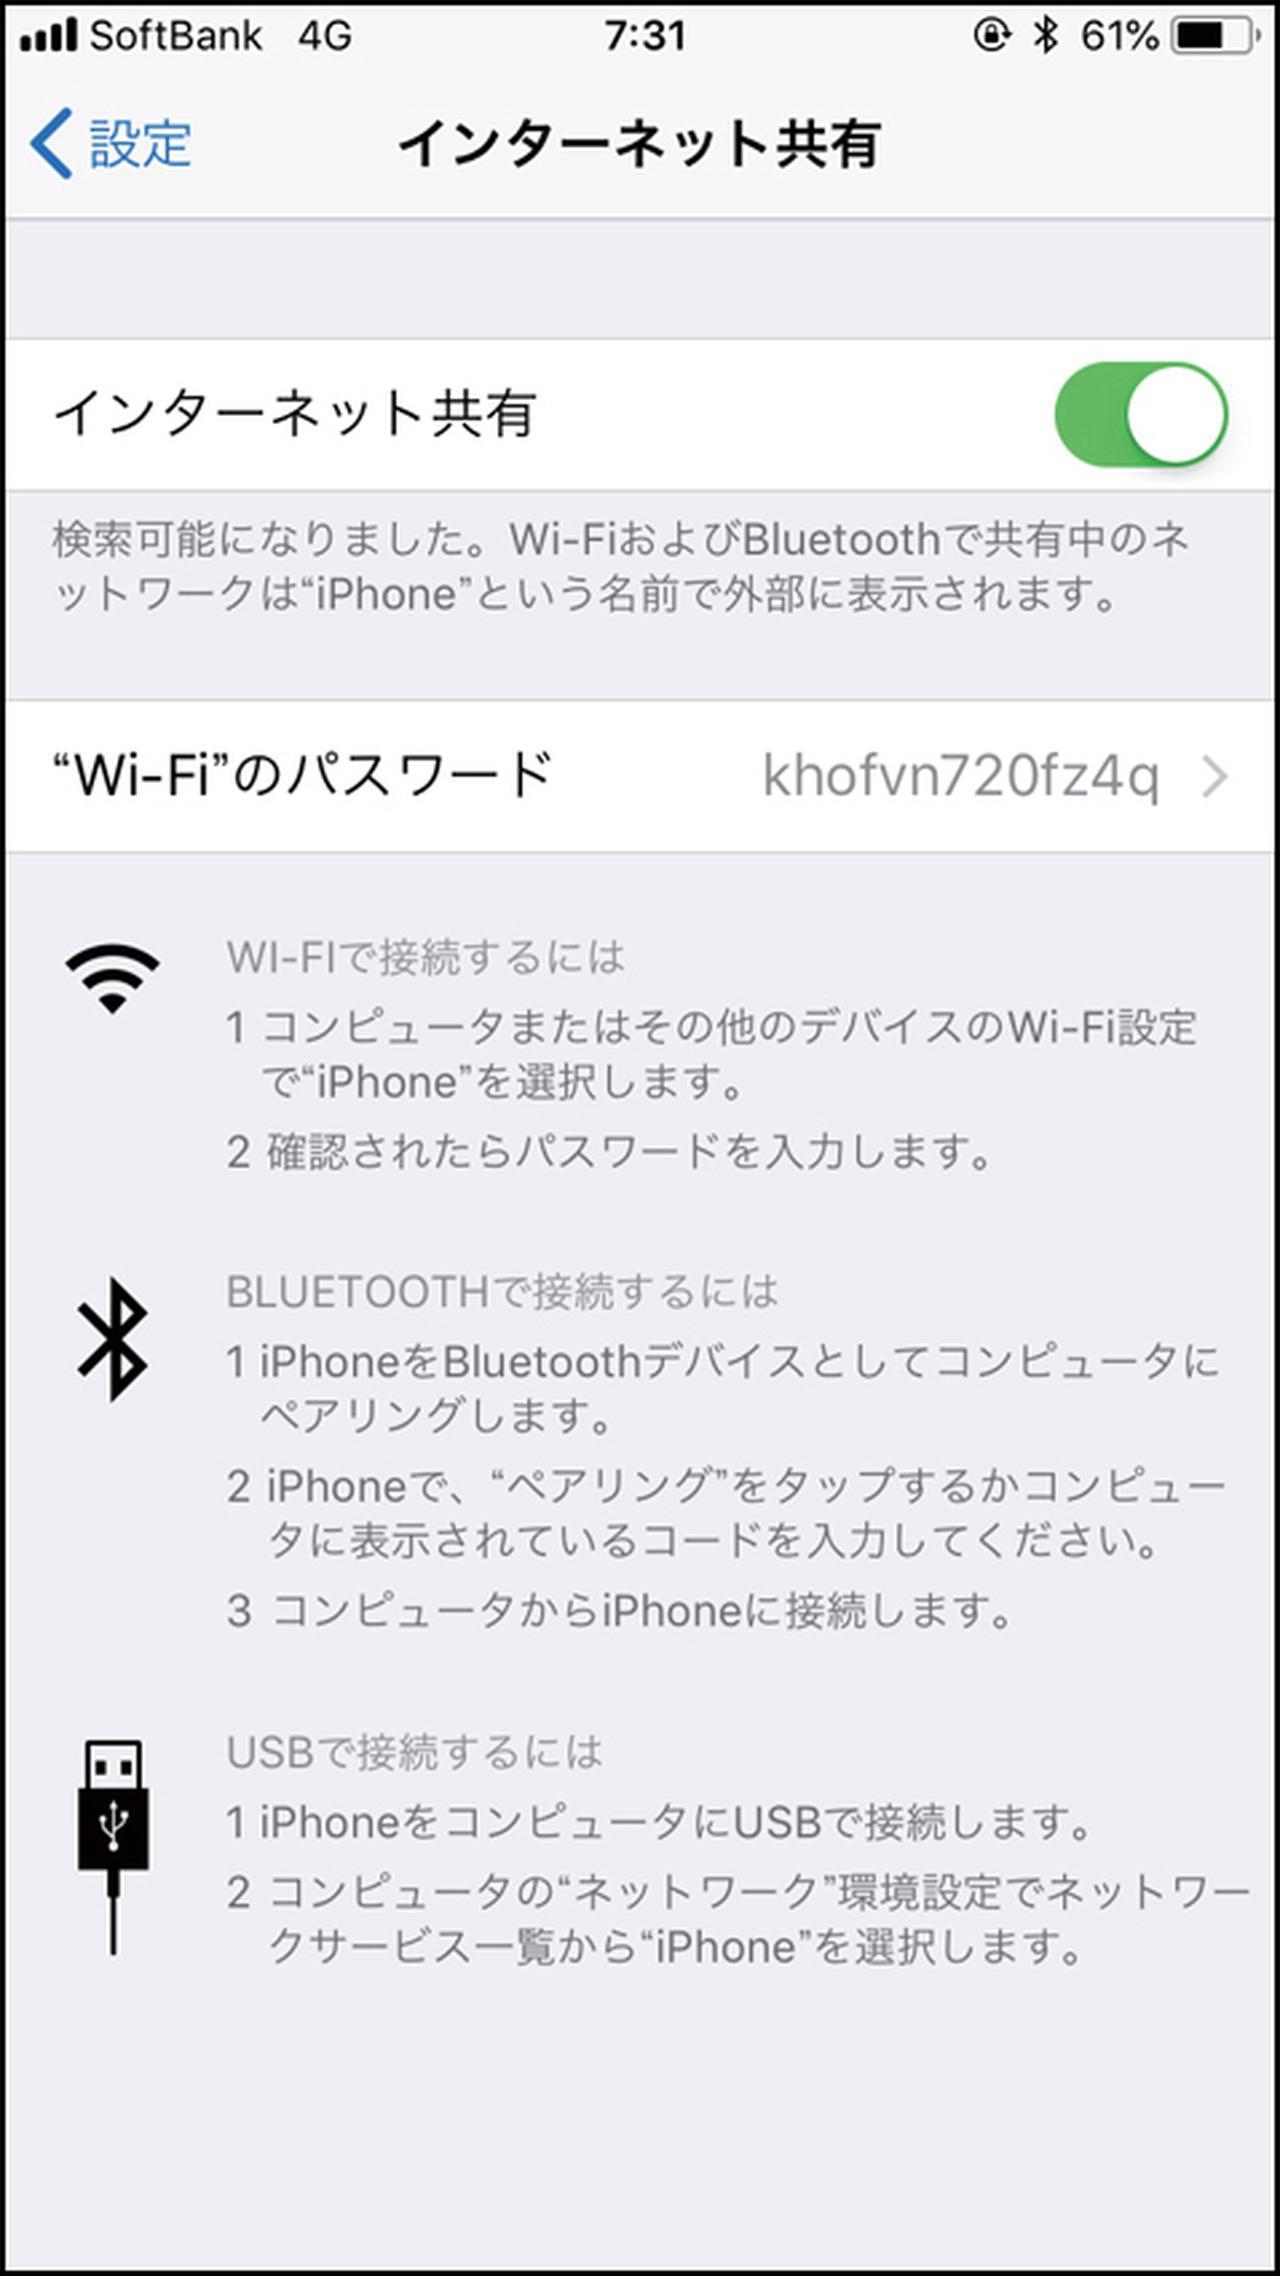 画像: iPhoneの「インターネット共有」の画面。SSIDはiPhoneの「名前」となる。パスワードは任意に変更することができる。